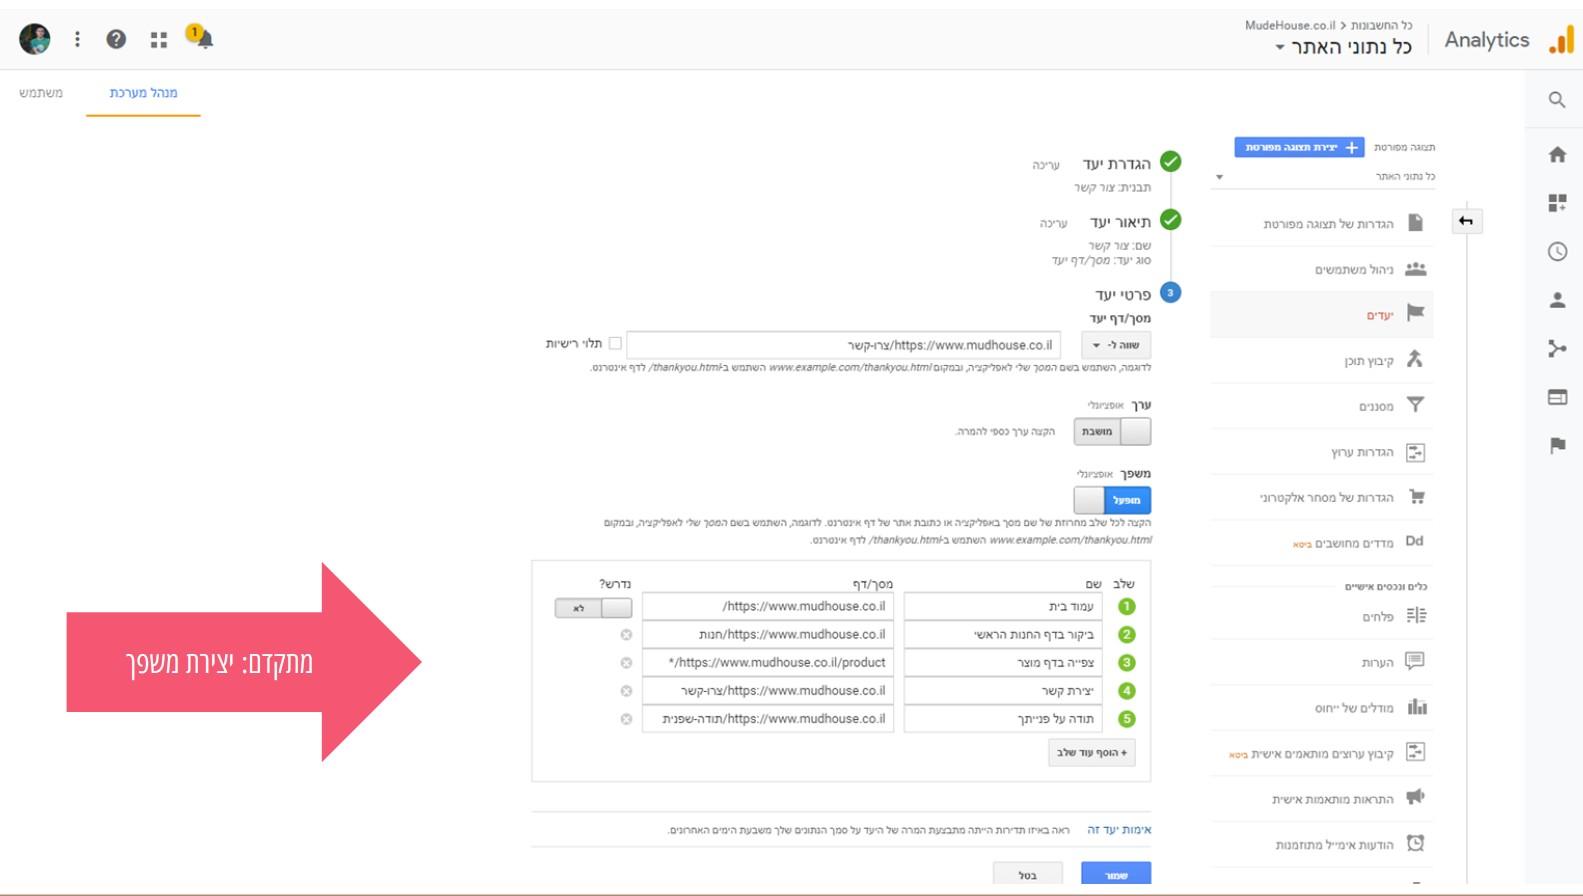 גוגל אנליטיקס בכיף - מתוך ההרצאה